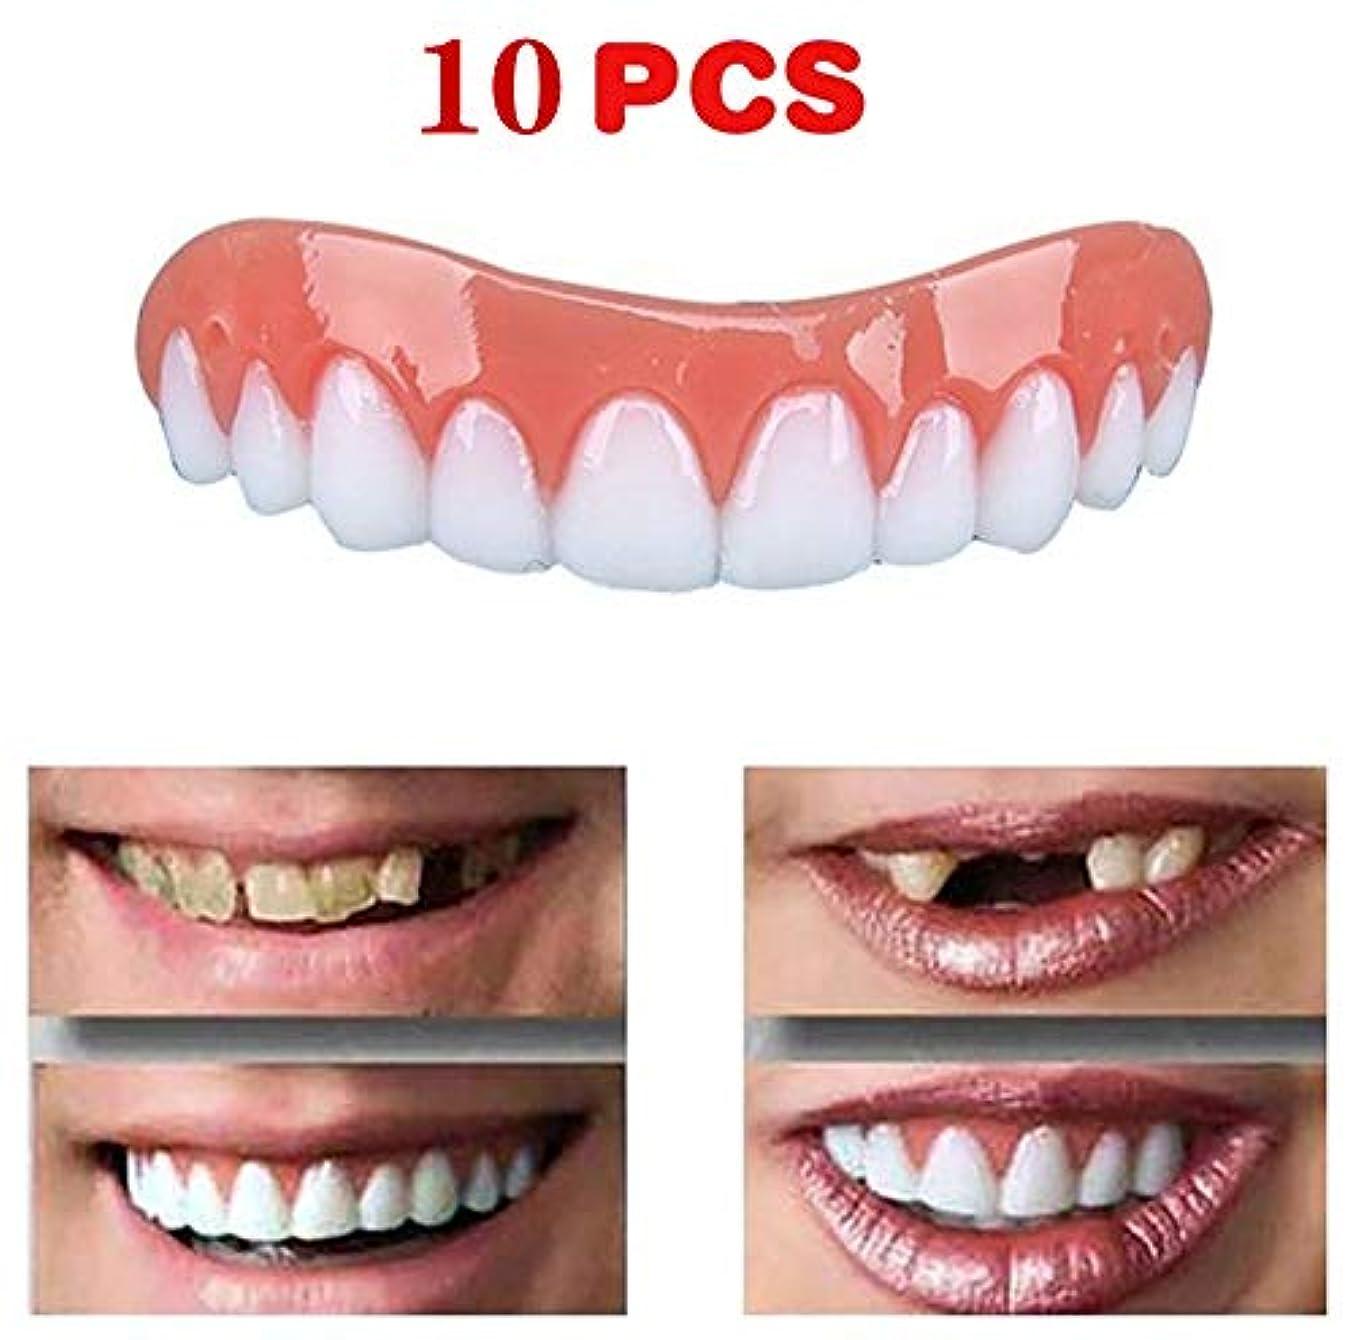 襲撃カプセルラッドヤードキップリング10ピース新しい再利用可能な大人のスナップオンパーフェクトスマイルホワイトニング義歯フィットフレックス化粧品歯快適な突き板カバーデンタルケアアクセサリー